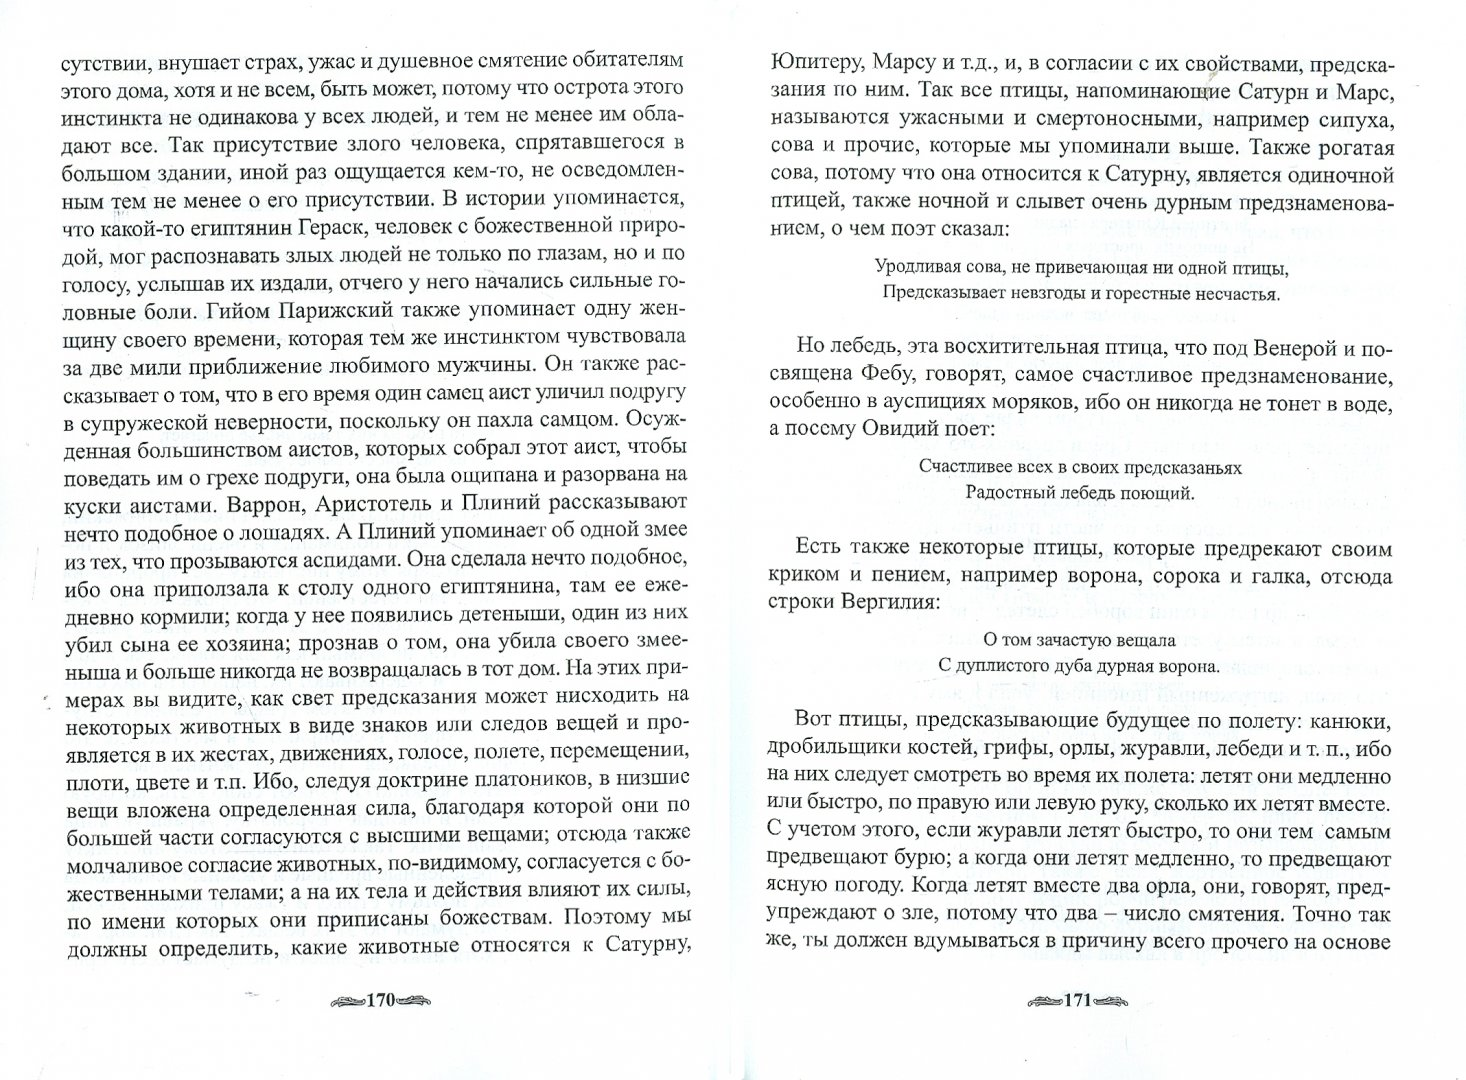 Иллюстрация 1 из 12 для Философия естественной магии - фон Неттесгейм Агриппа Генри Корнелиус | Лабиринт - книги. Источник: Лабиринт